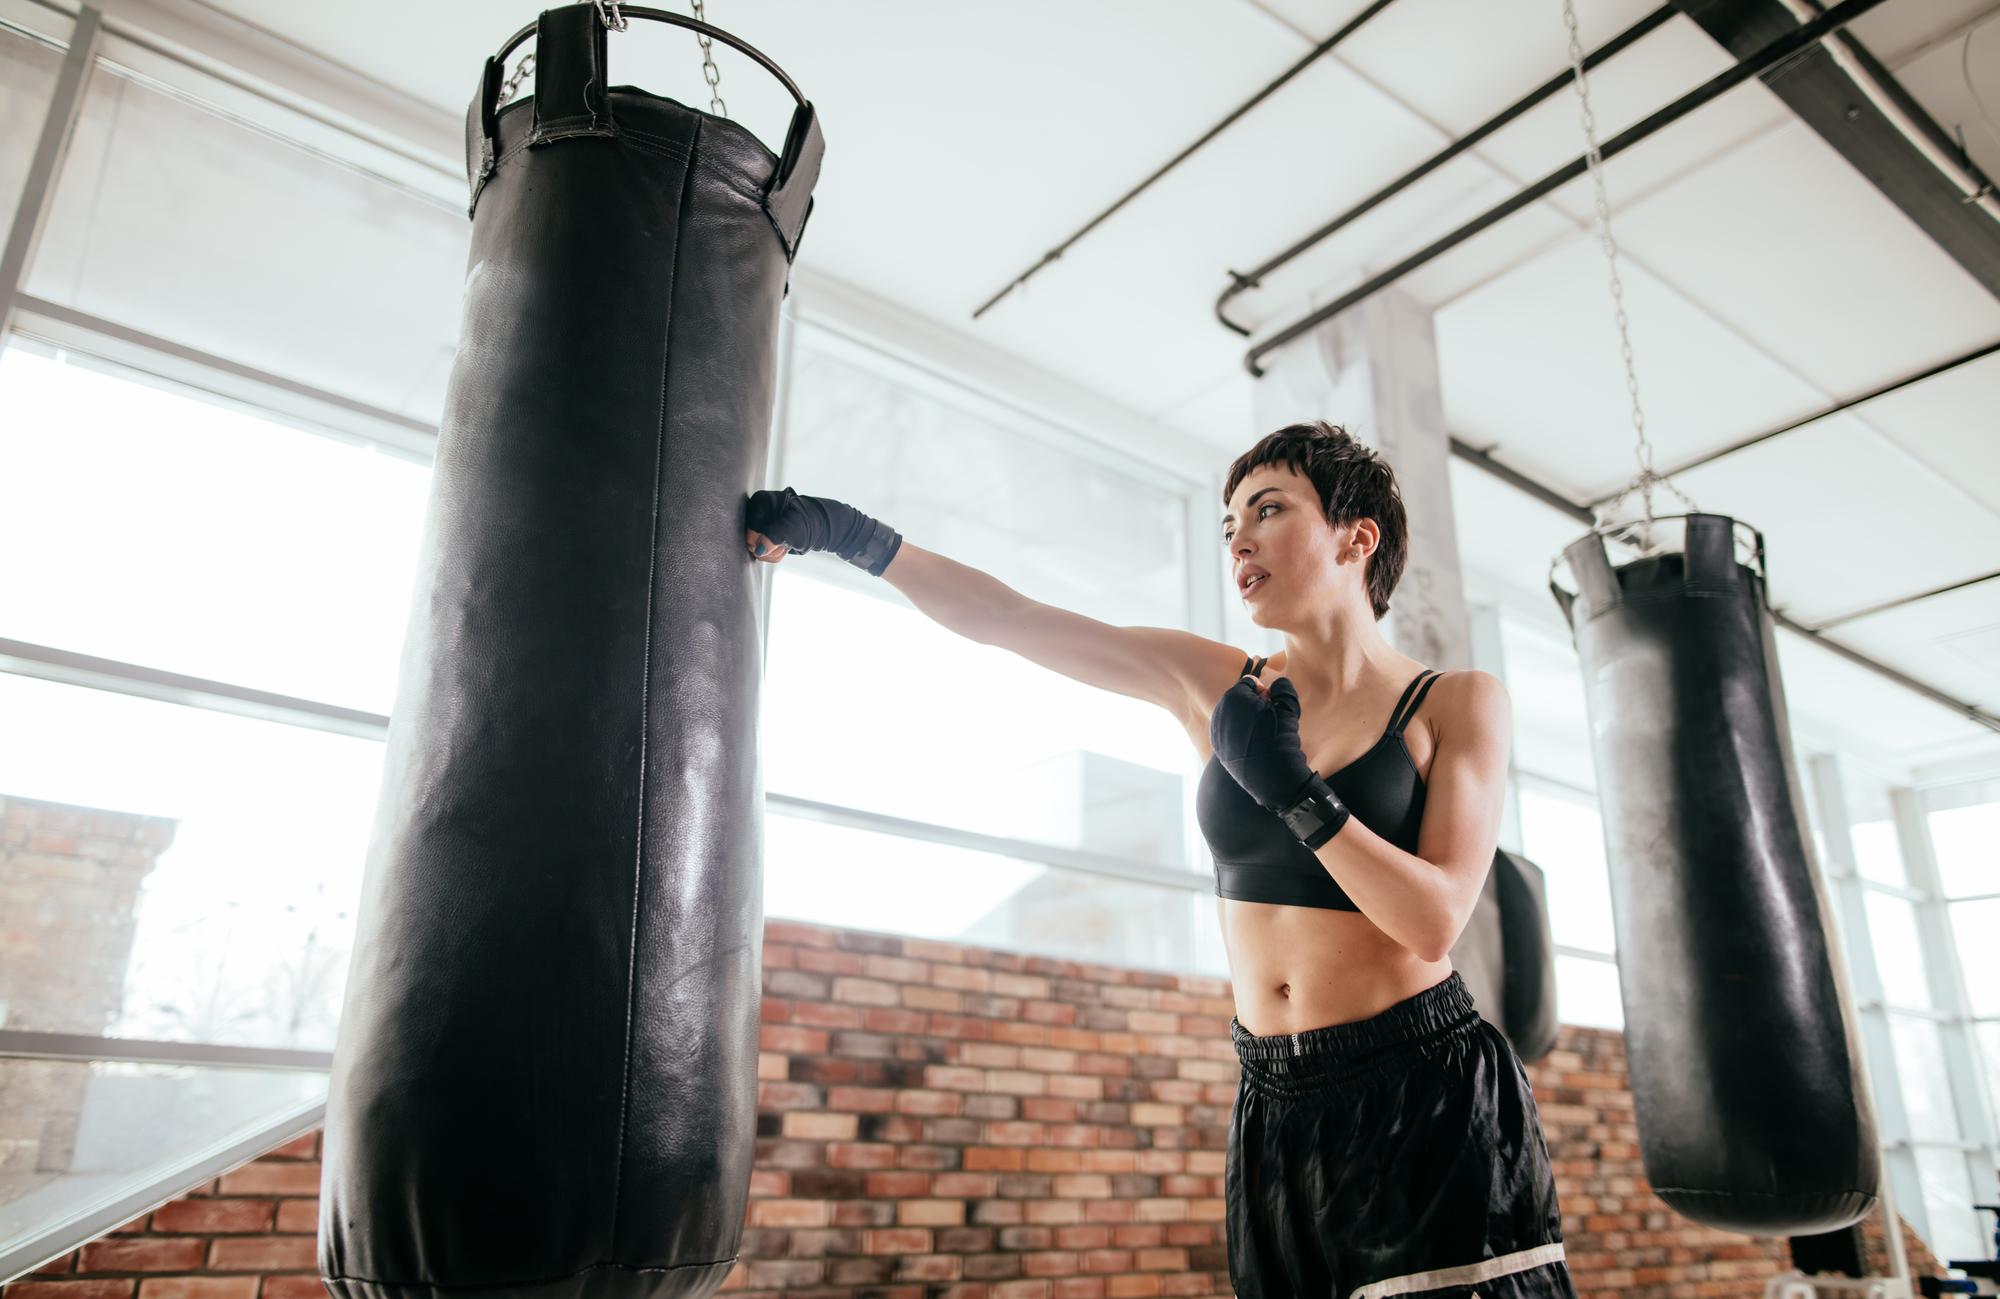 キックボクシングはどのようなスポーツなのか知っていますか。